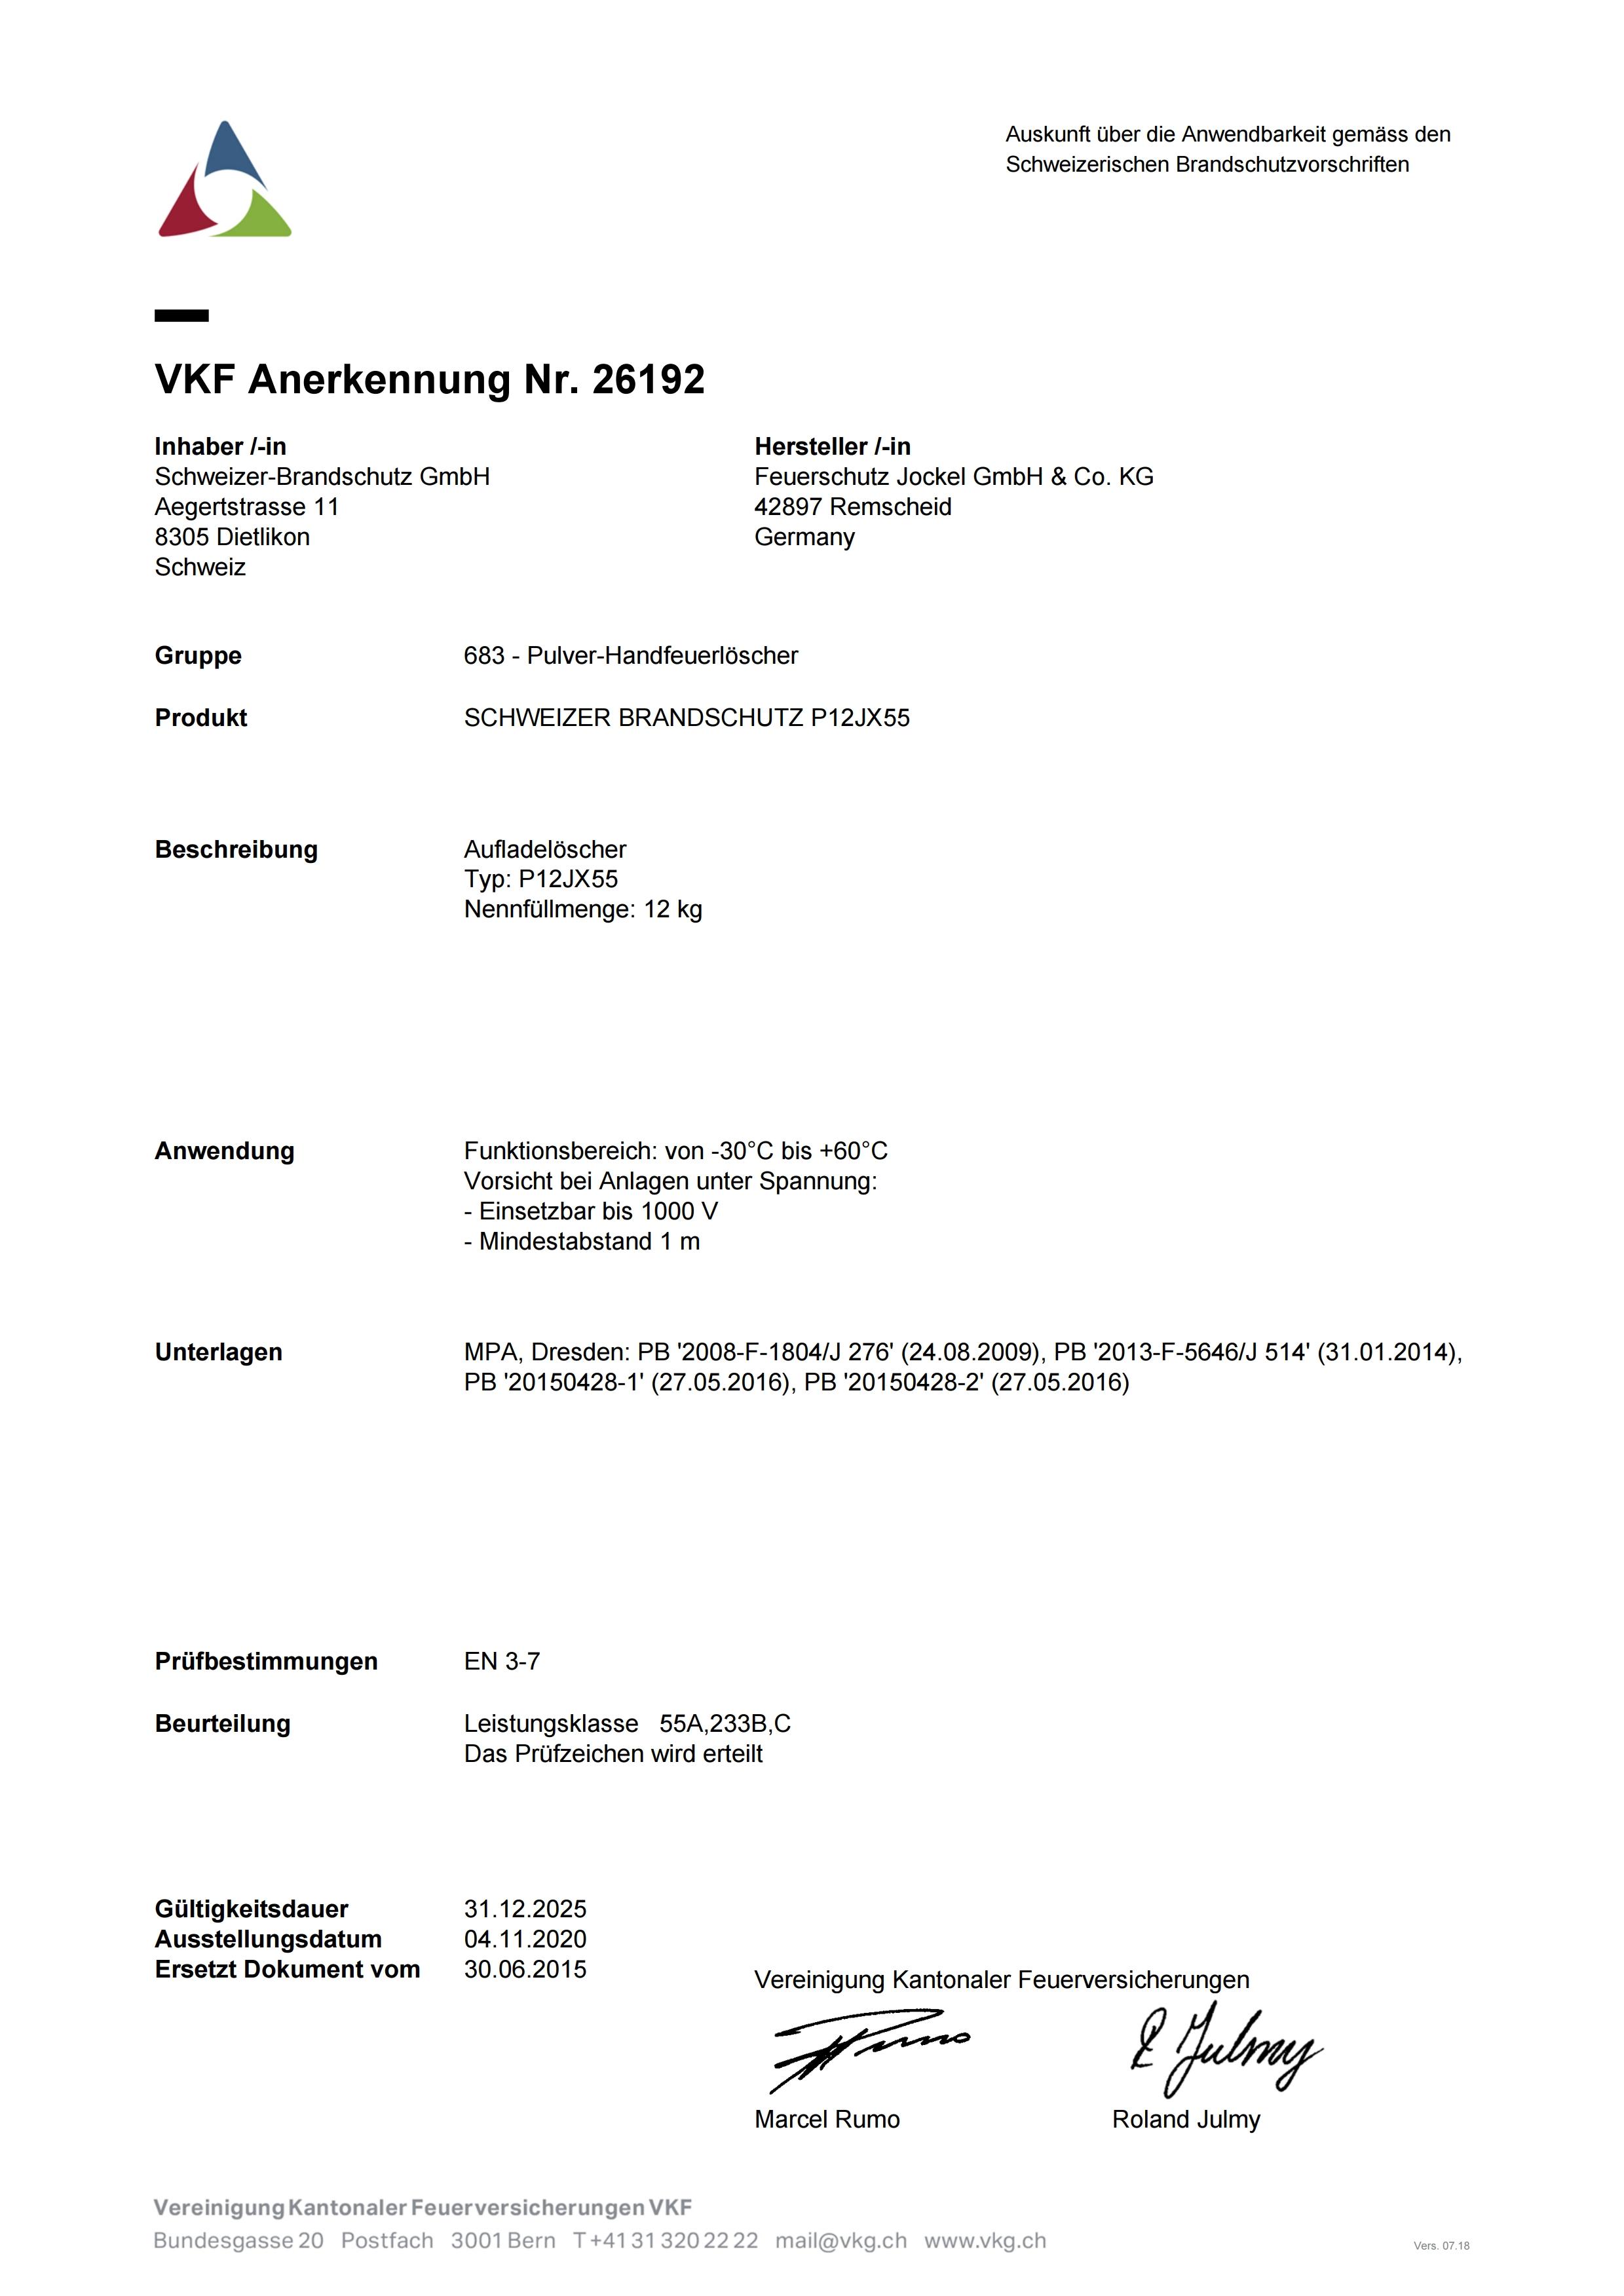 VKF Zulassung Pulver Feuerlöscher 12 Kilo